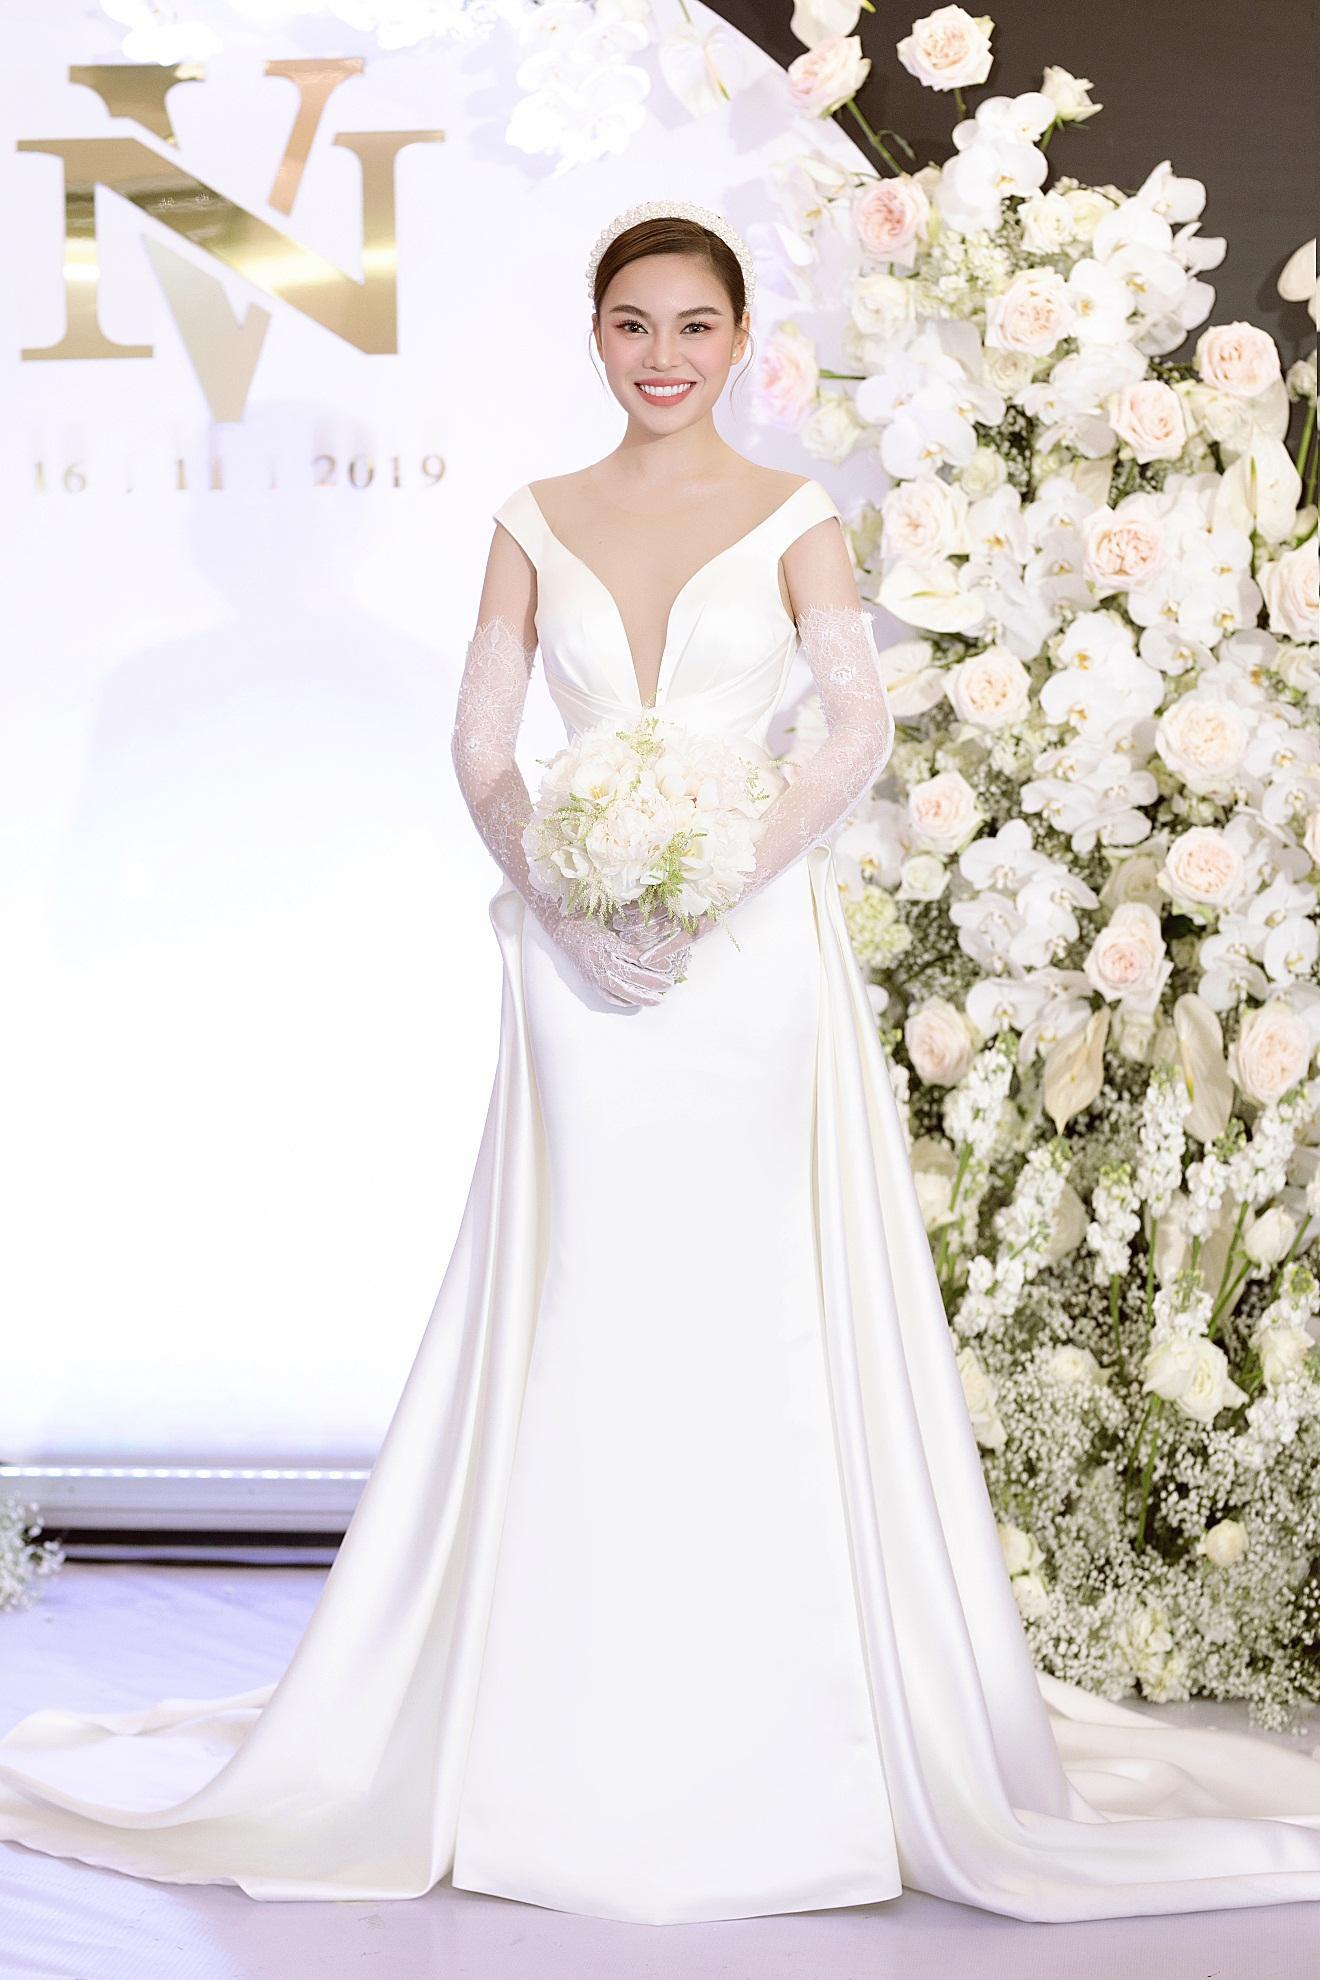 Ba mẫu váy cưới Hacchic Couture thực hiện cho Giang Hồng Ngọc kèm thông điệp ý nghĩa bất ngờ - Ảnh 2.